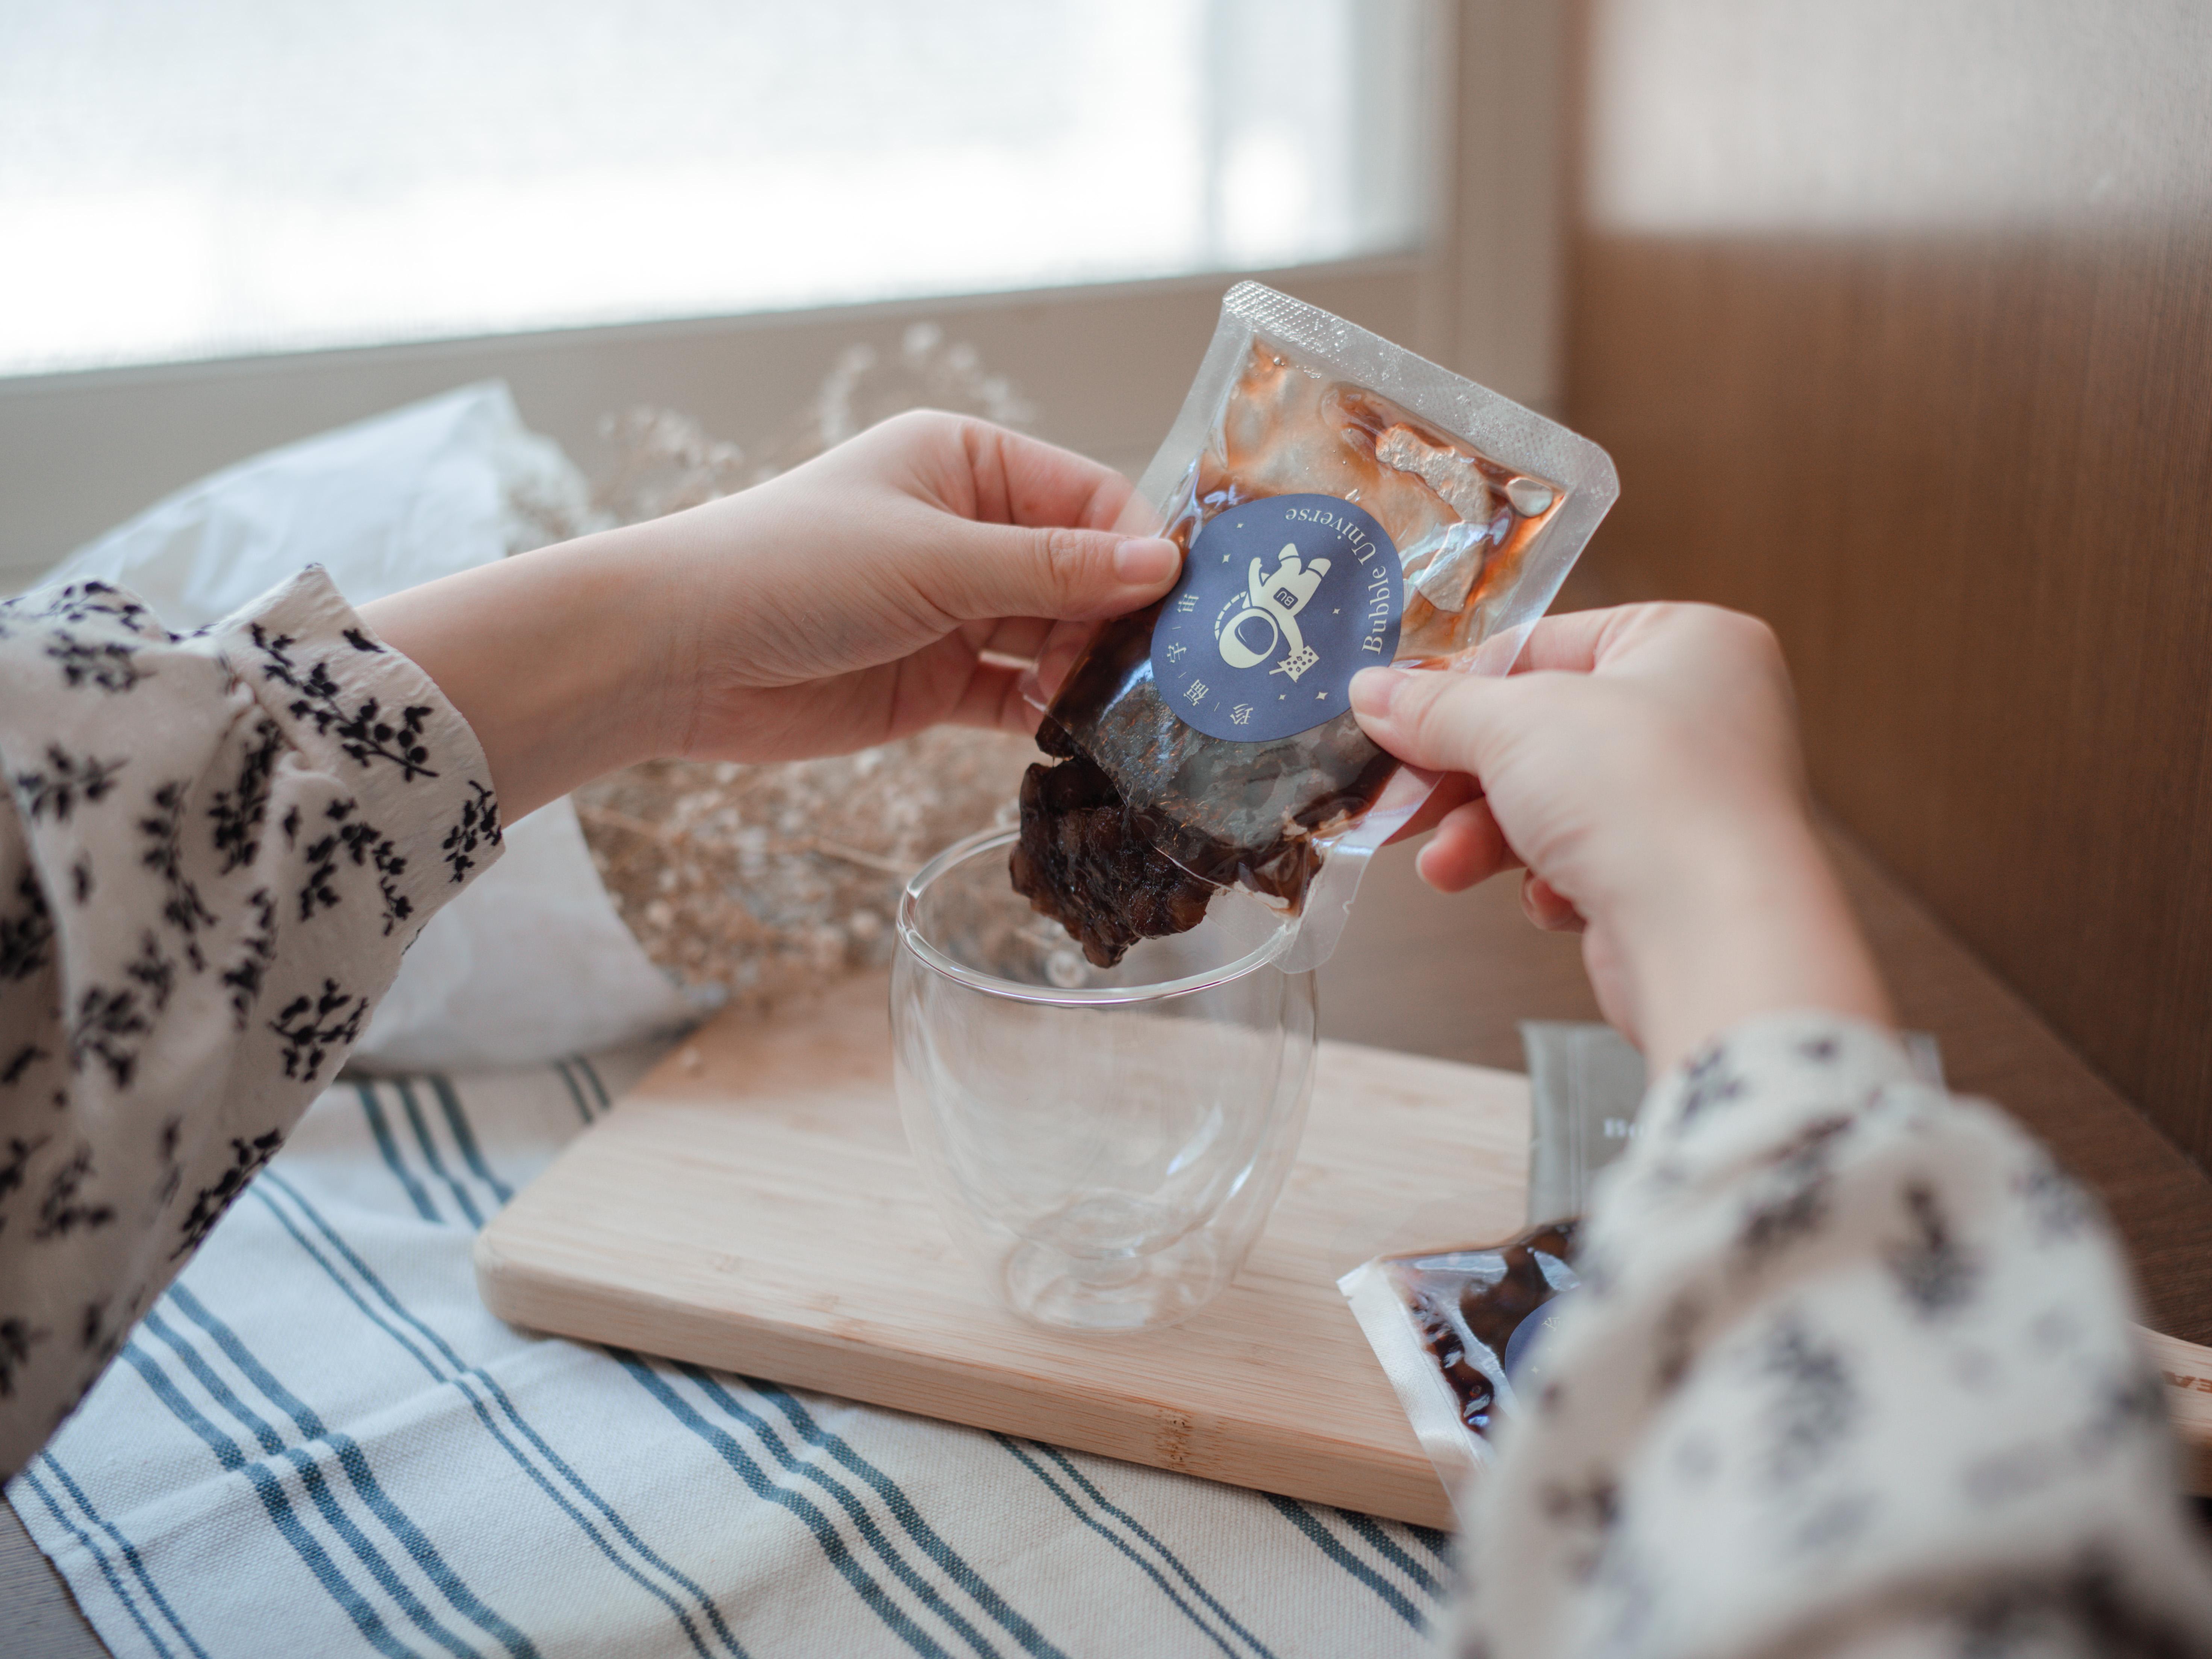 3分鐘在家泡珍奶!台灣珍珠奶茶界的愛馬仕。珍福宇宙「珍珠奶茶禮盒」Q彈黑糖珍珠神還原手搖店!